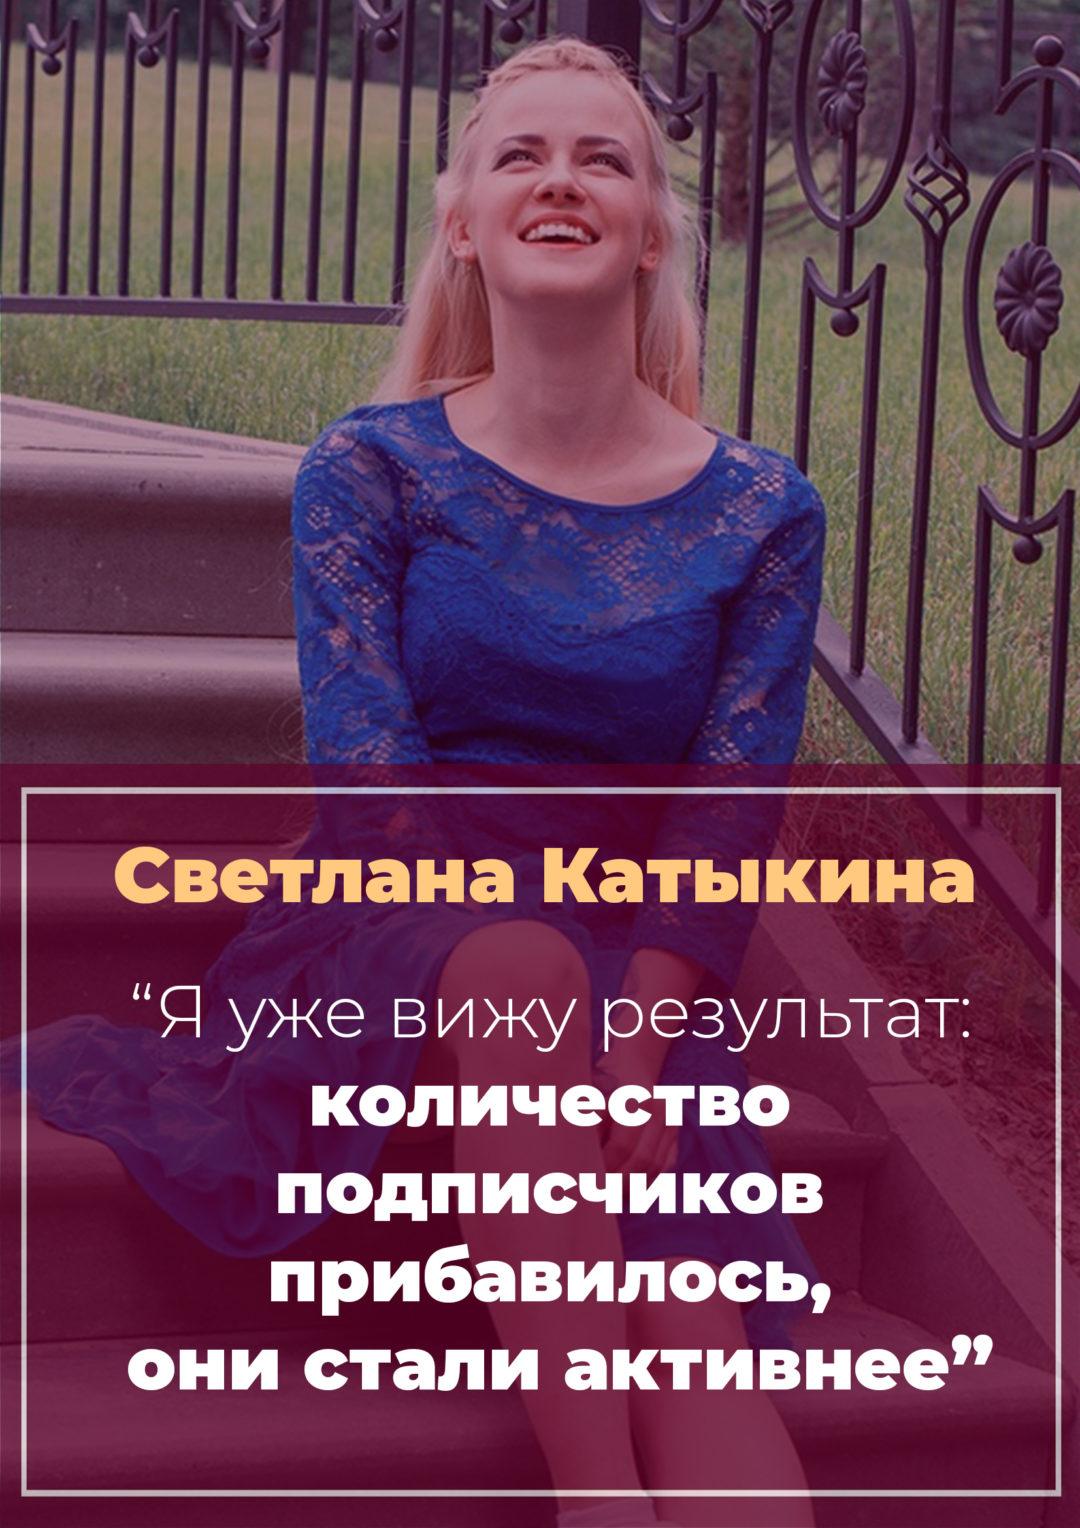 История Светланы Катыкиной